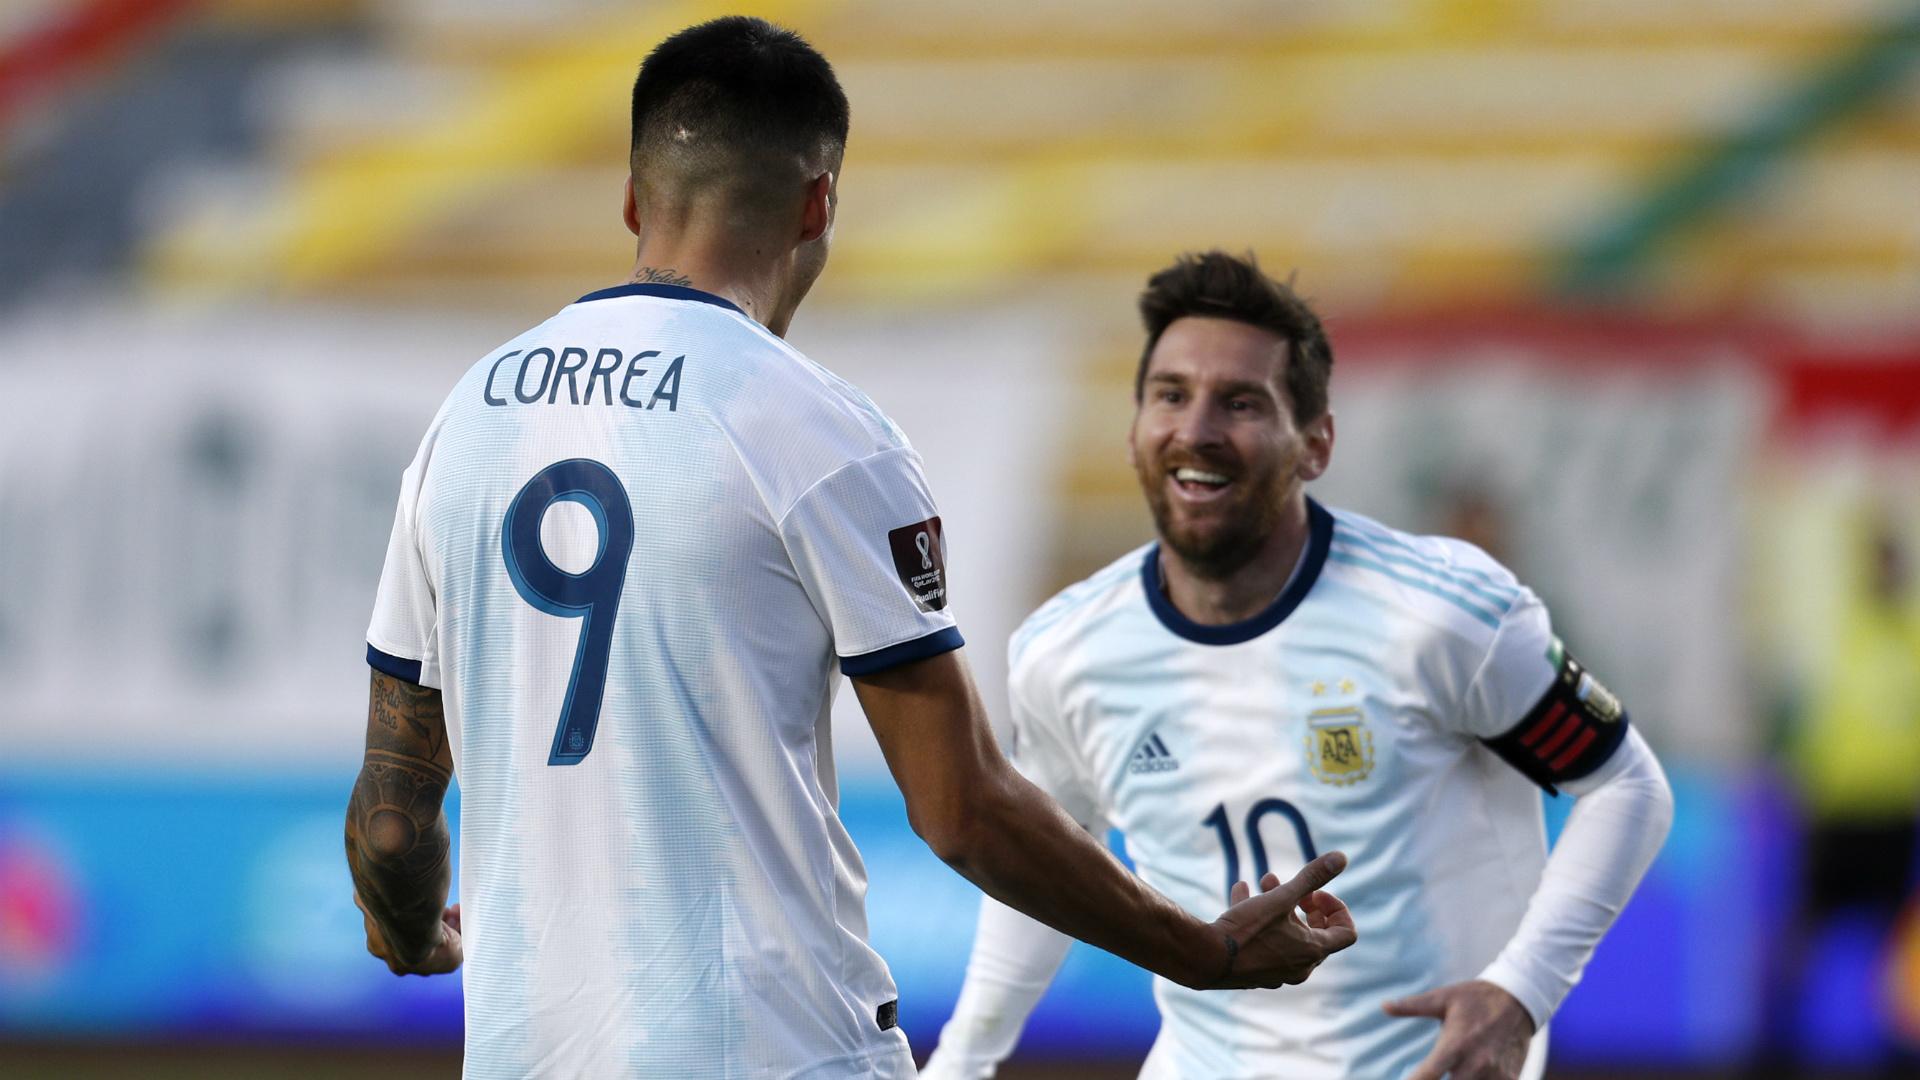 Cuándo juega la Selección argentina? Amistosos, Copa América y  Eliminatorias sudamericanas | Goal.com